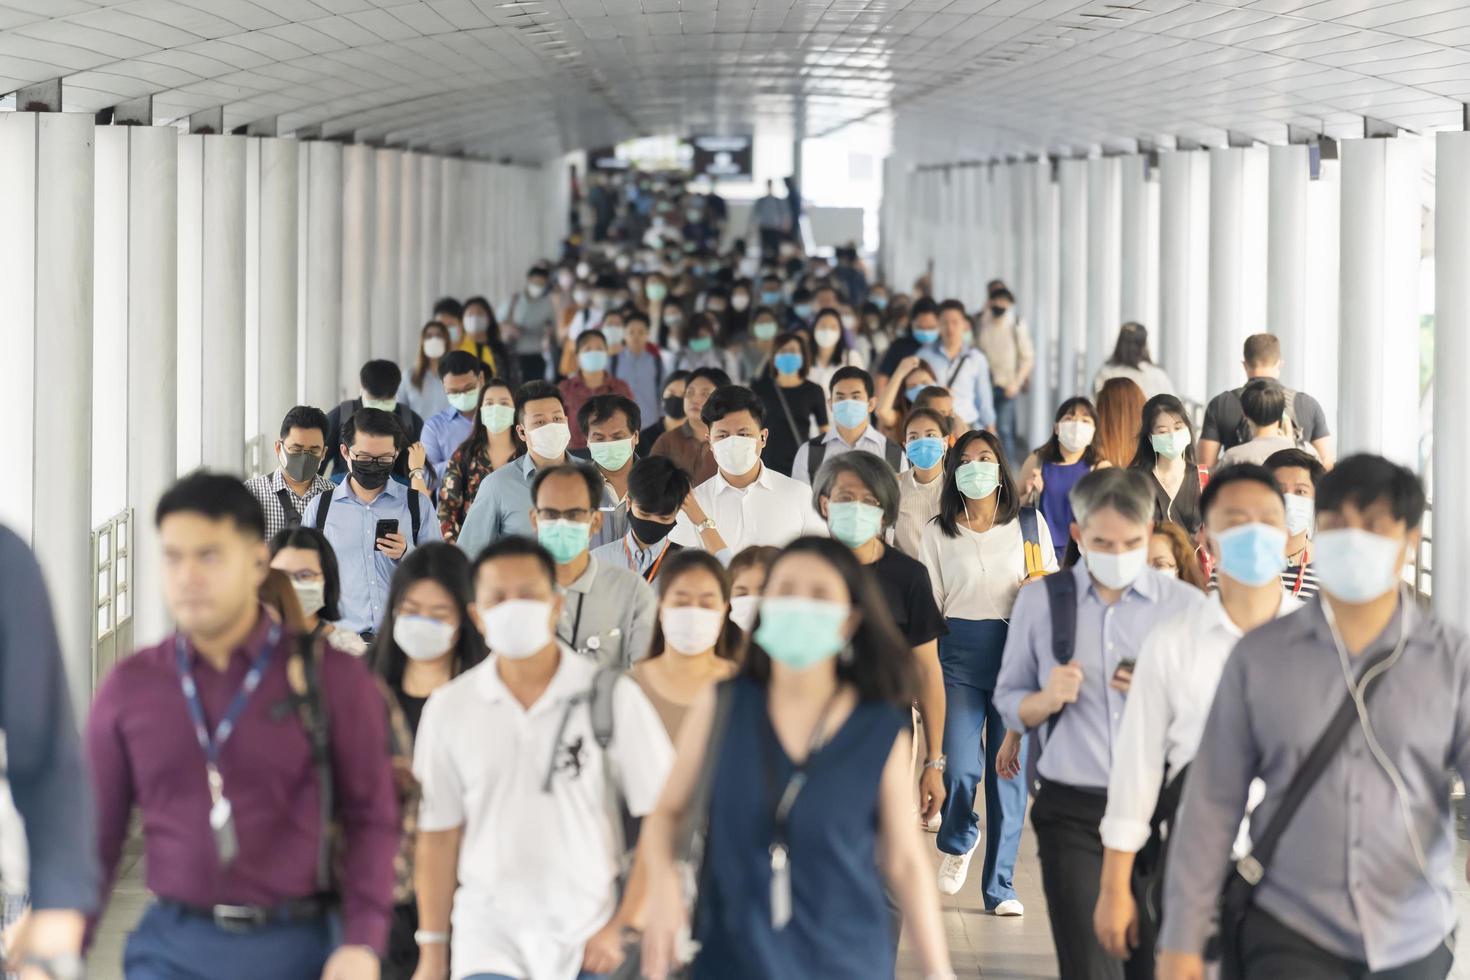 Bangkok, Thailand, maart 2020, een menigte onherkenbare zakenmensen die een chirurgisch masker dragen om een uitbraak van het coronavirus te voorkomen foto